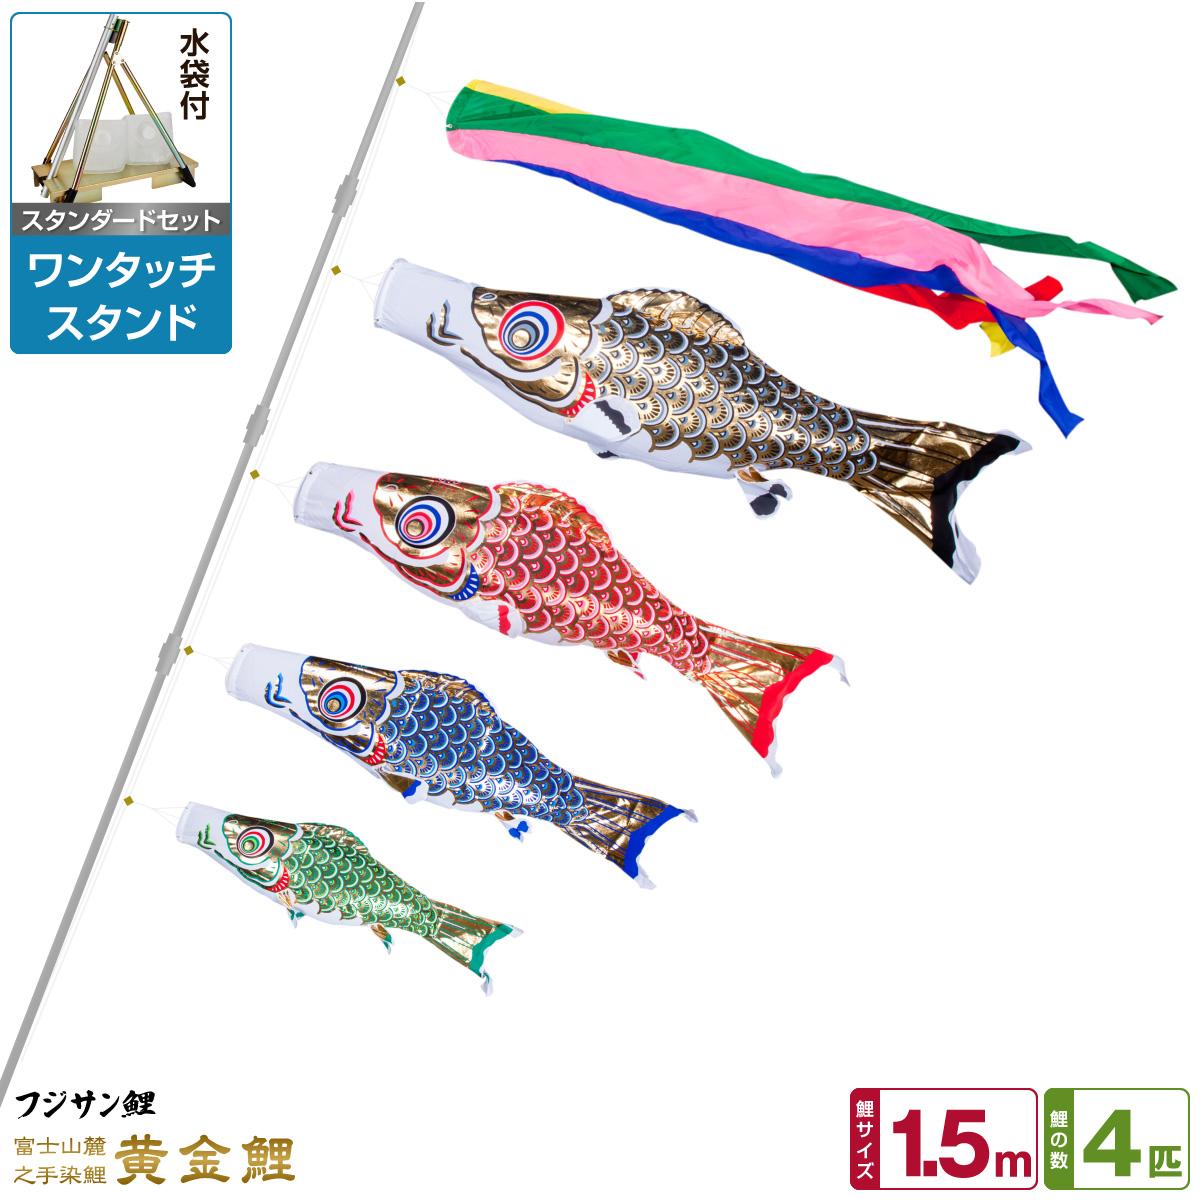 ベランダ用 こいのぼり 鯉のぼり フジサン鯉 黄金鯉 1.5m 7点(吹流し+鯉4匹+矢車+ロープ)/スタンダードセット(ワンタッチスタンド)